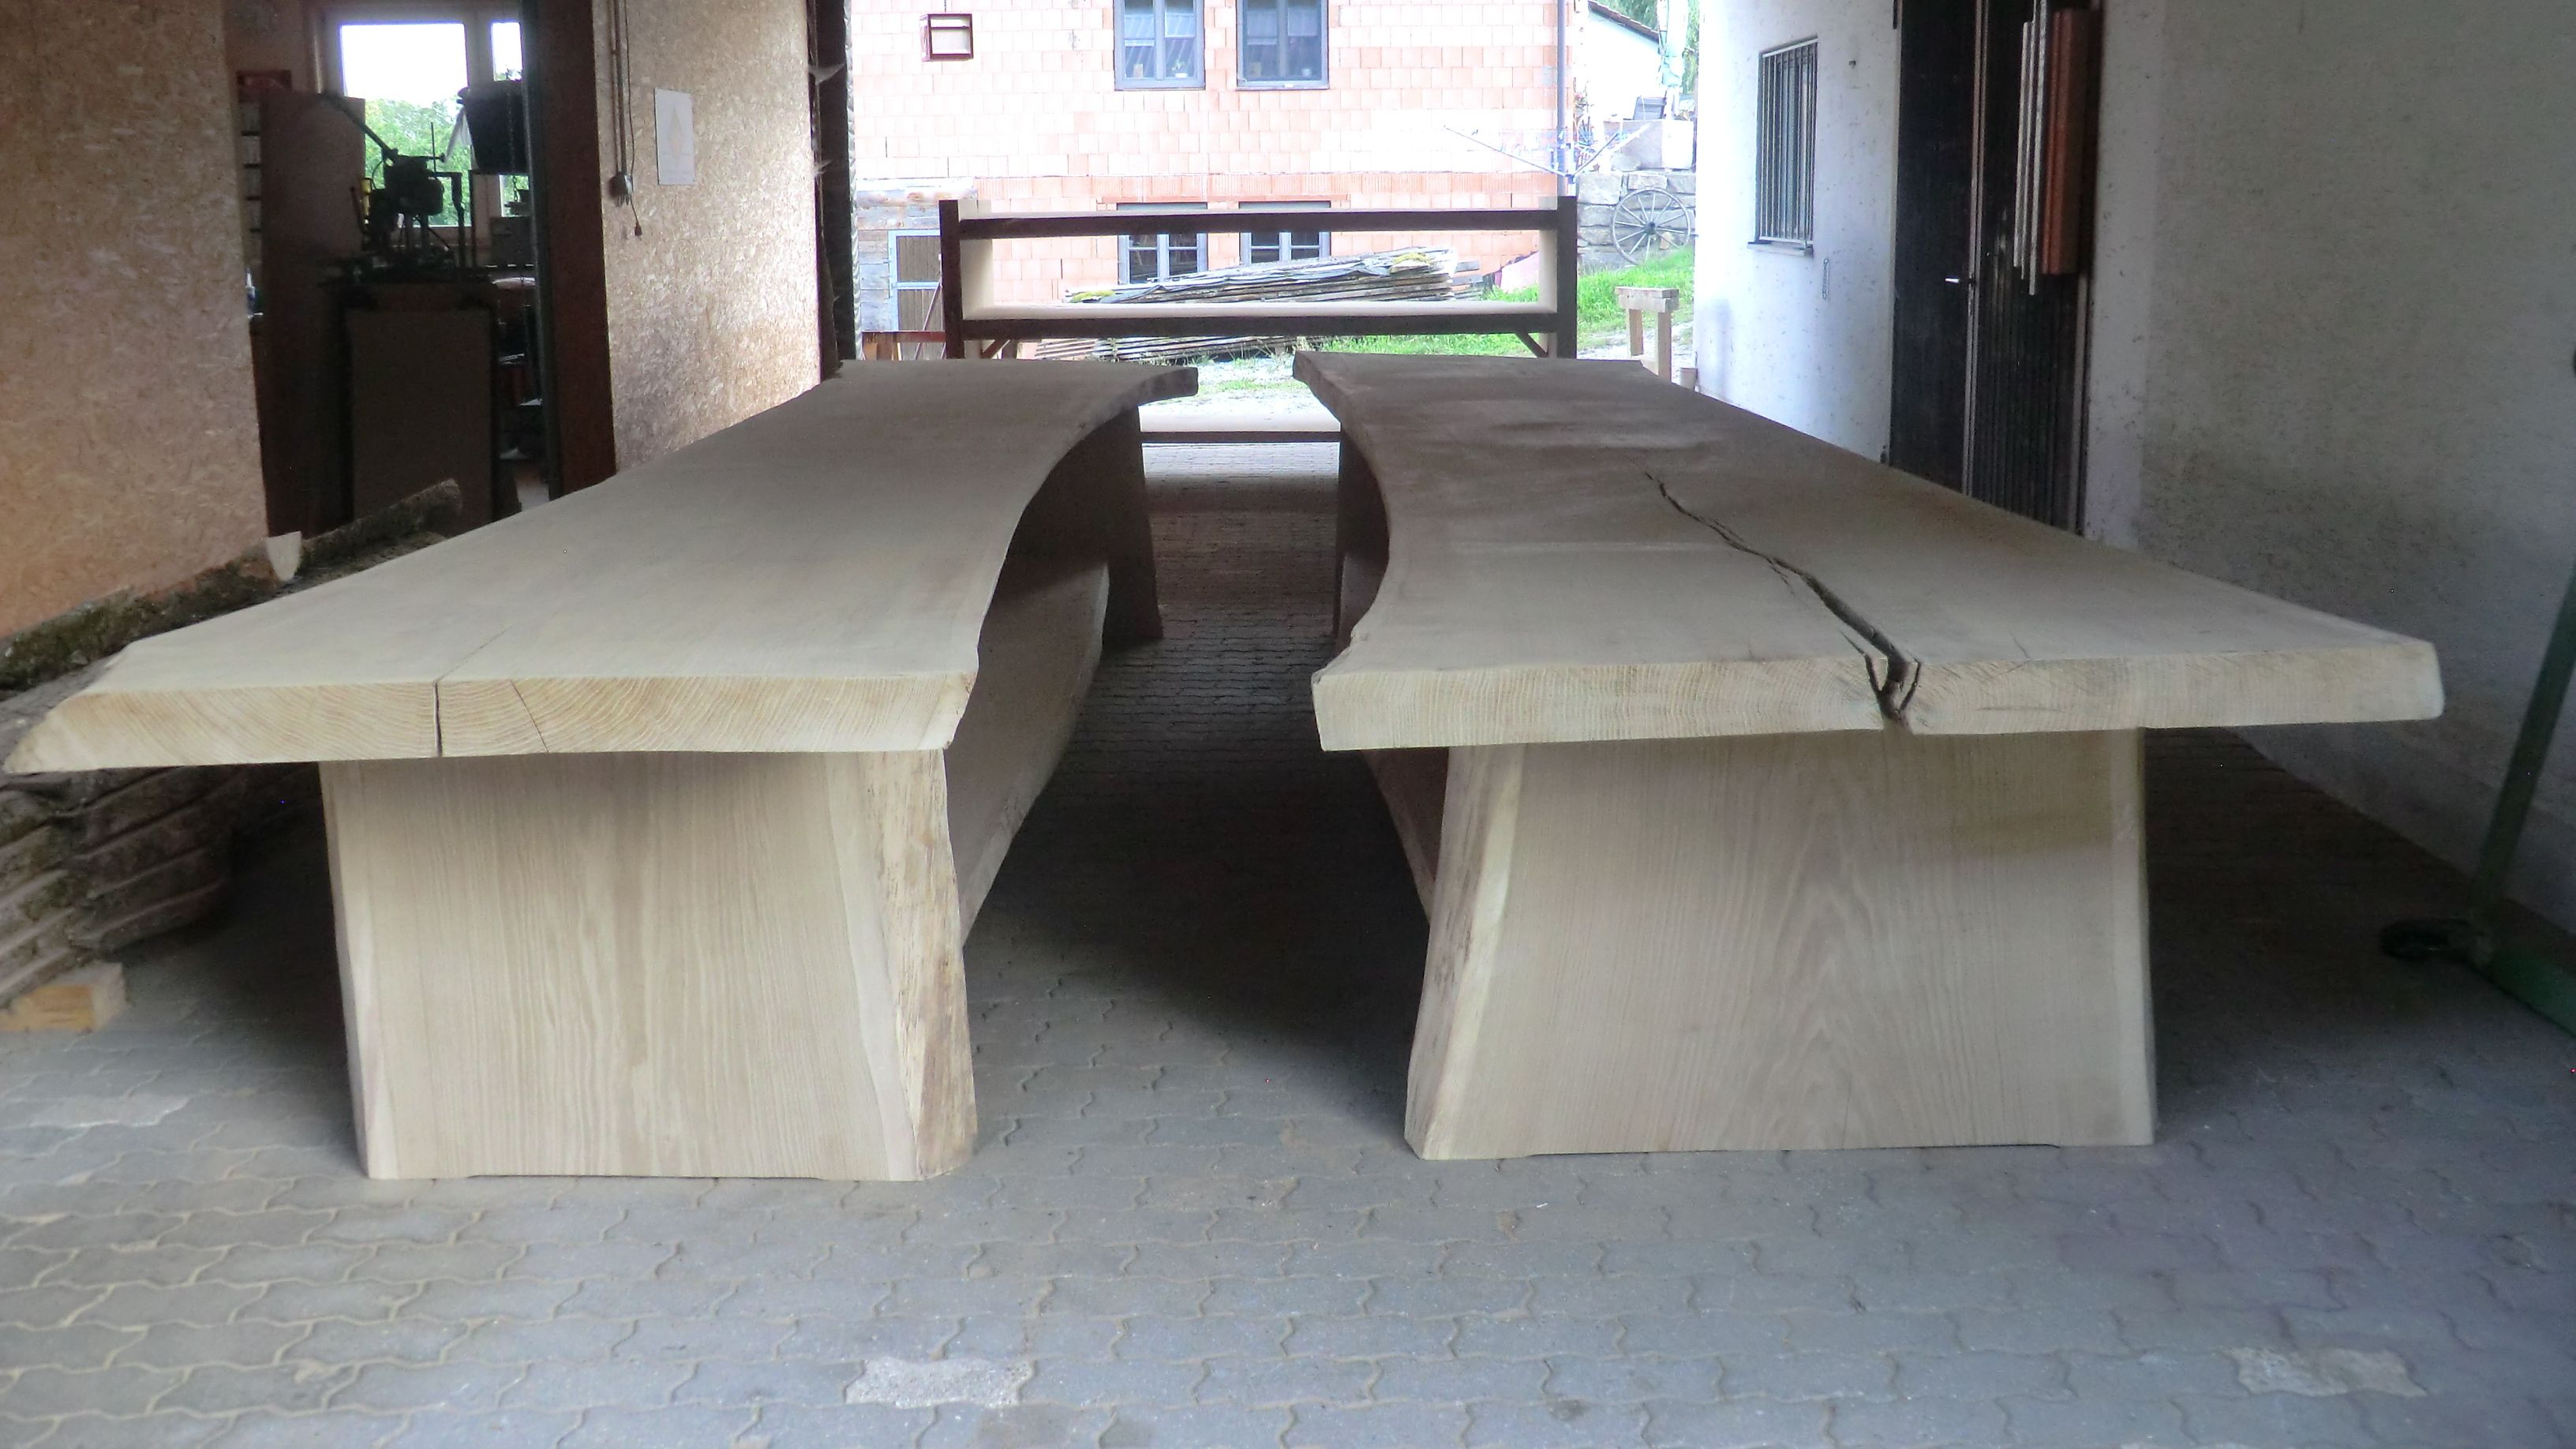 Stettmer hat es geschafft: Jetzt liefert er zwei riesen Tische und ein riesen Regal an den Kunden